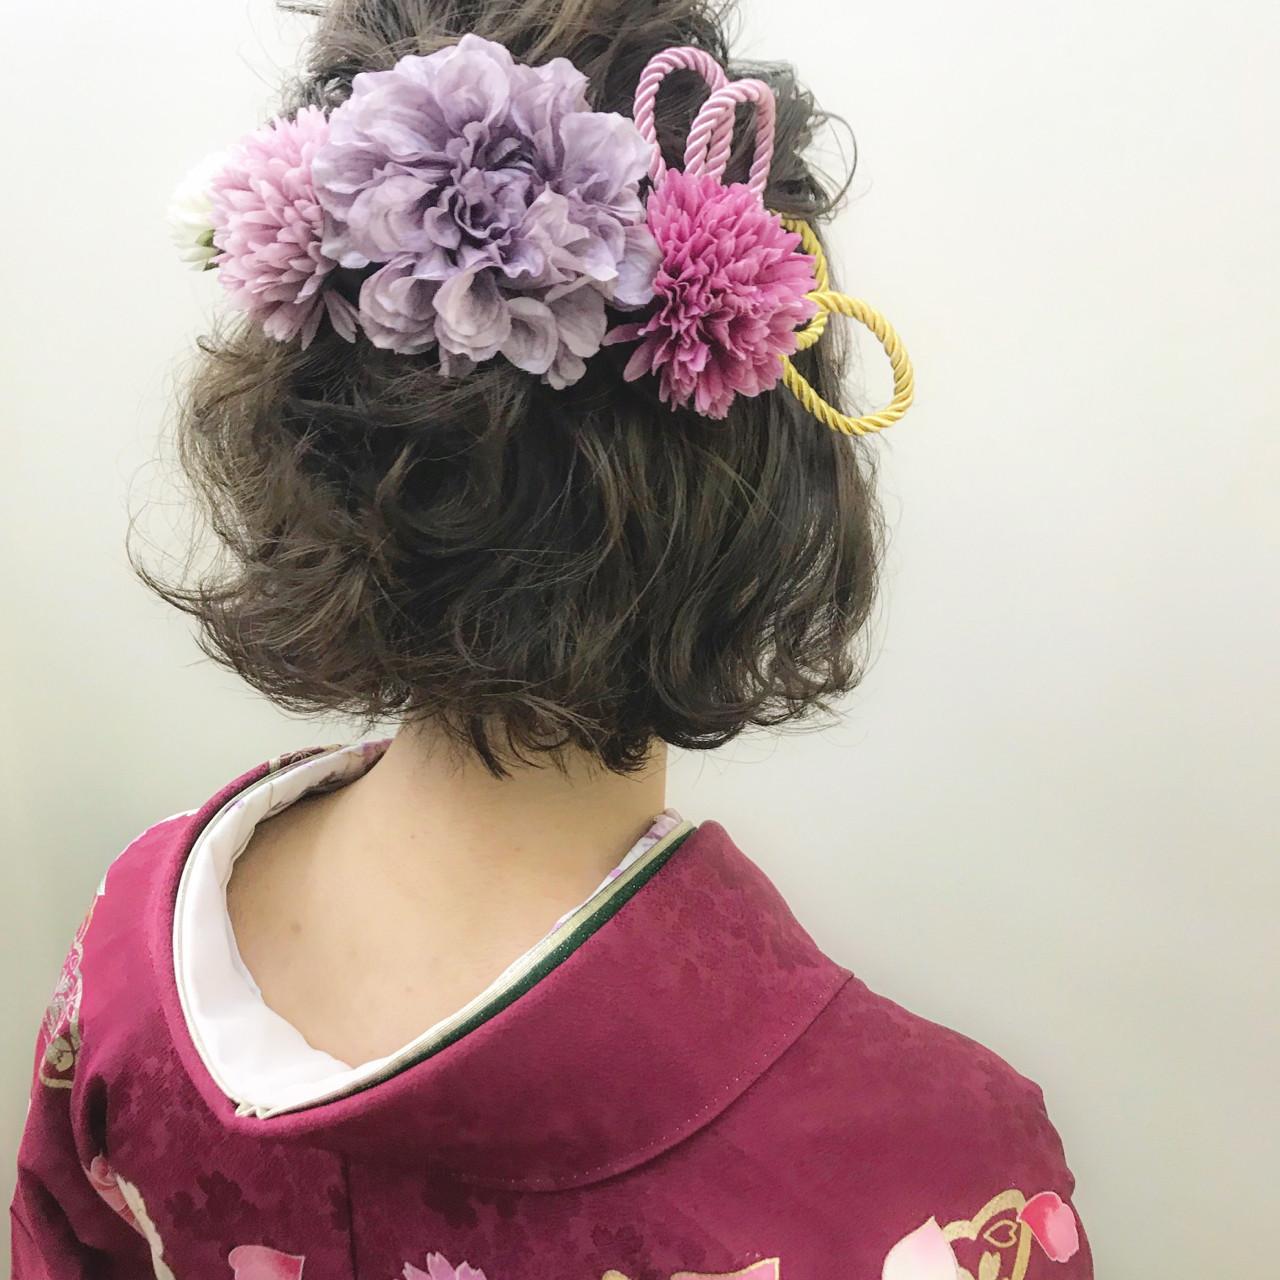 ヘアアレンジ 成人式 ナチュラル ボブ ヘアスタイルや髪型の写真・画像